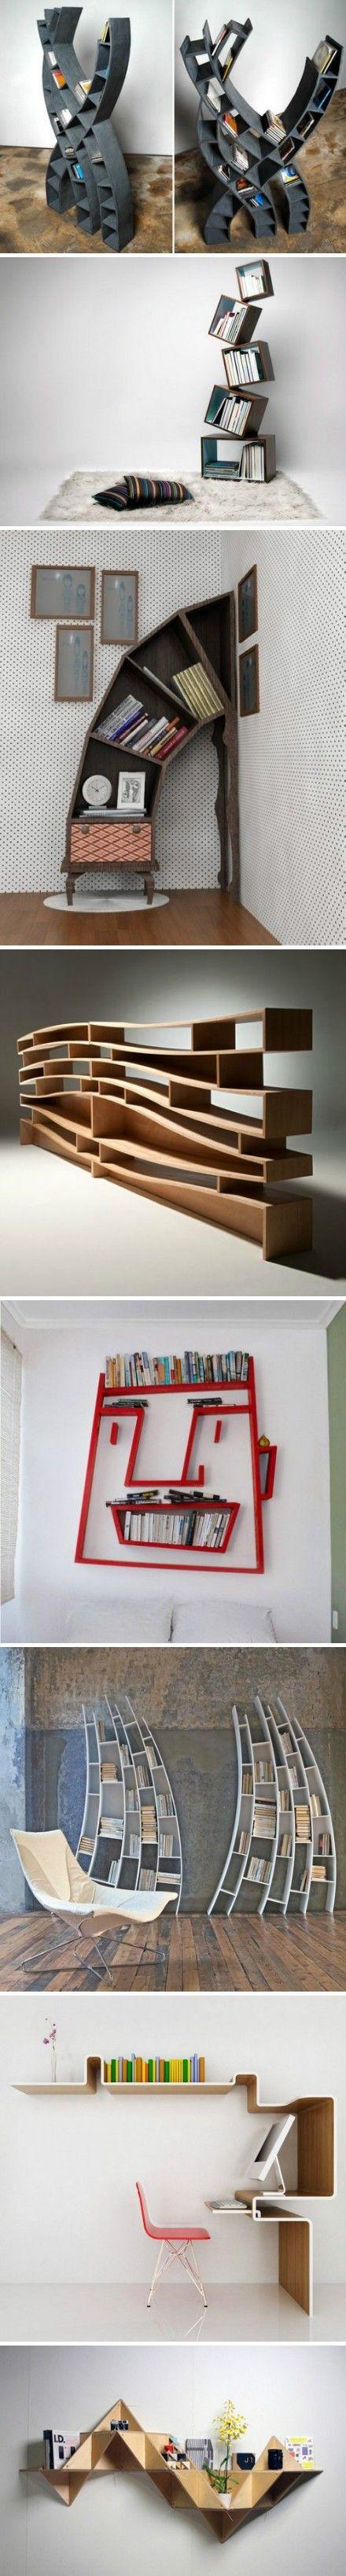 Unique diy book shelves church youth room ideas pinterest for Unique shelves diy